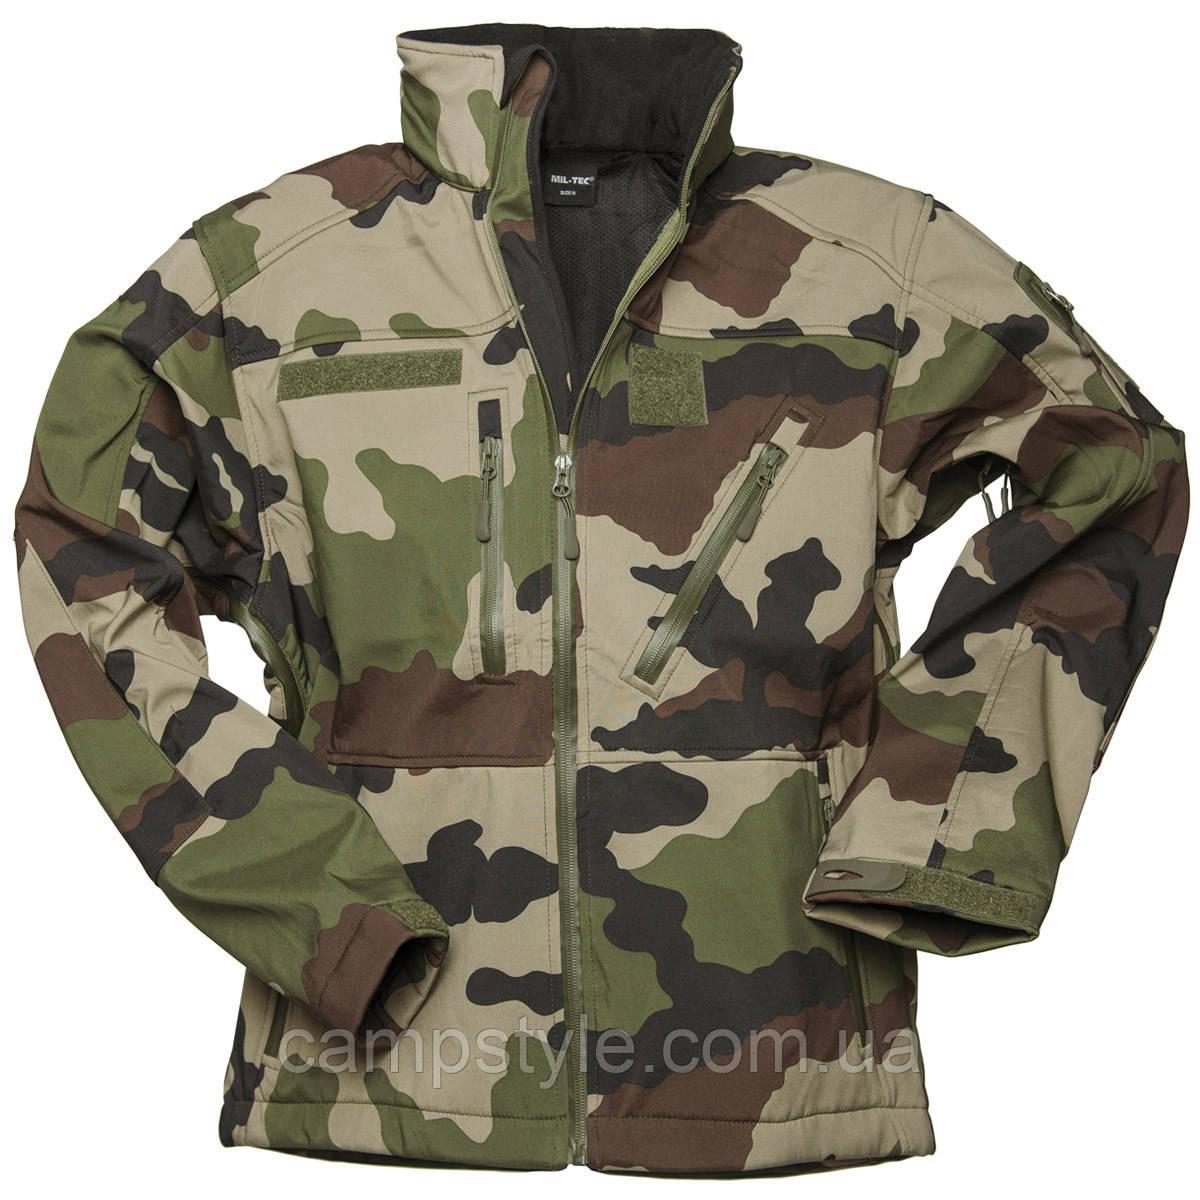 Куртка тактическая демисезонная Mil-tec Softshell SCU 14 CCE